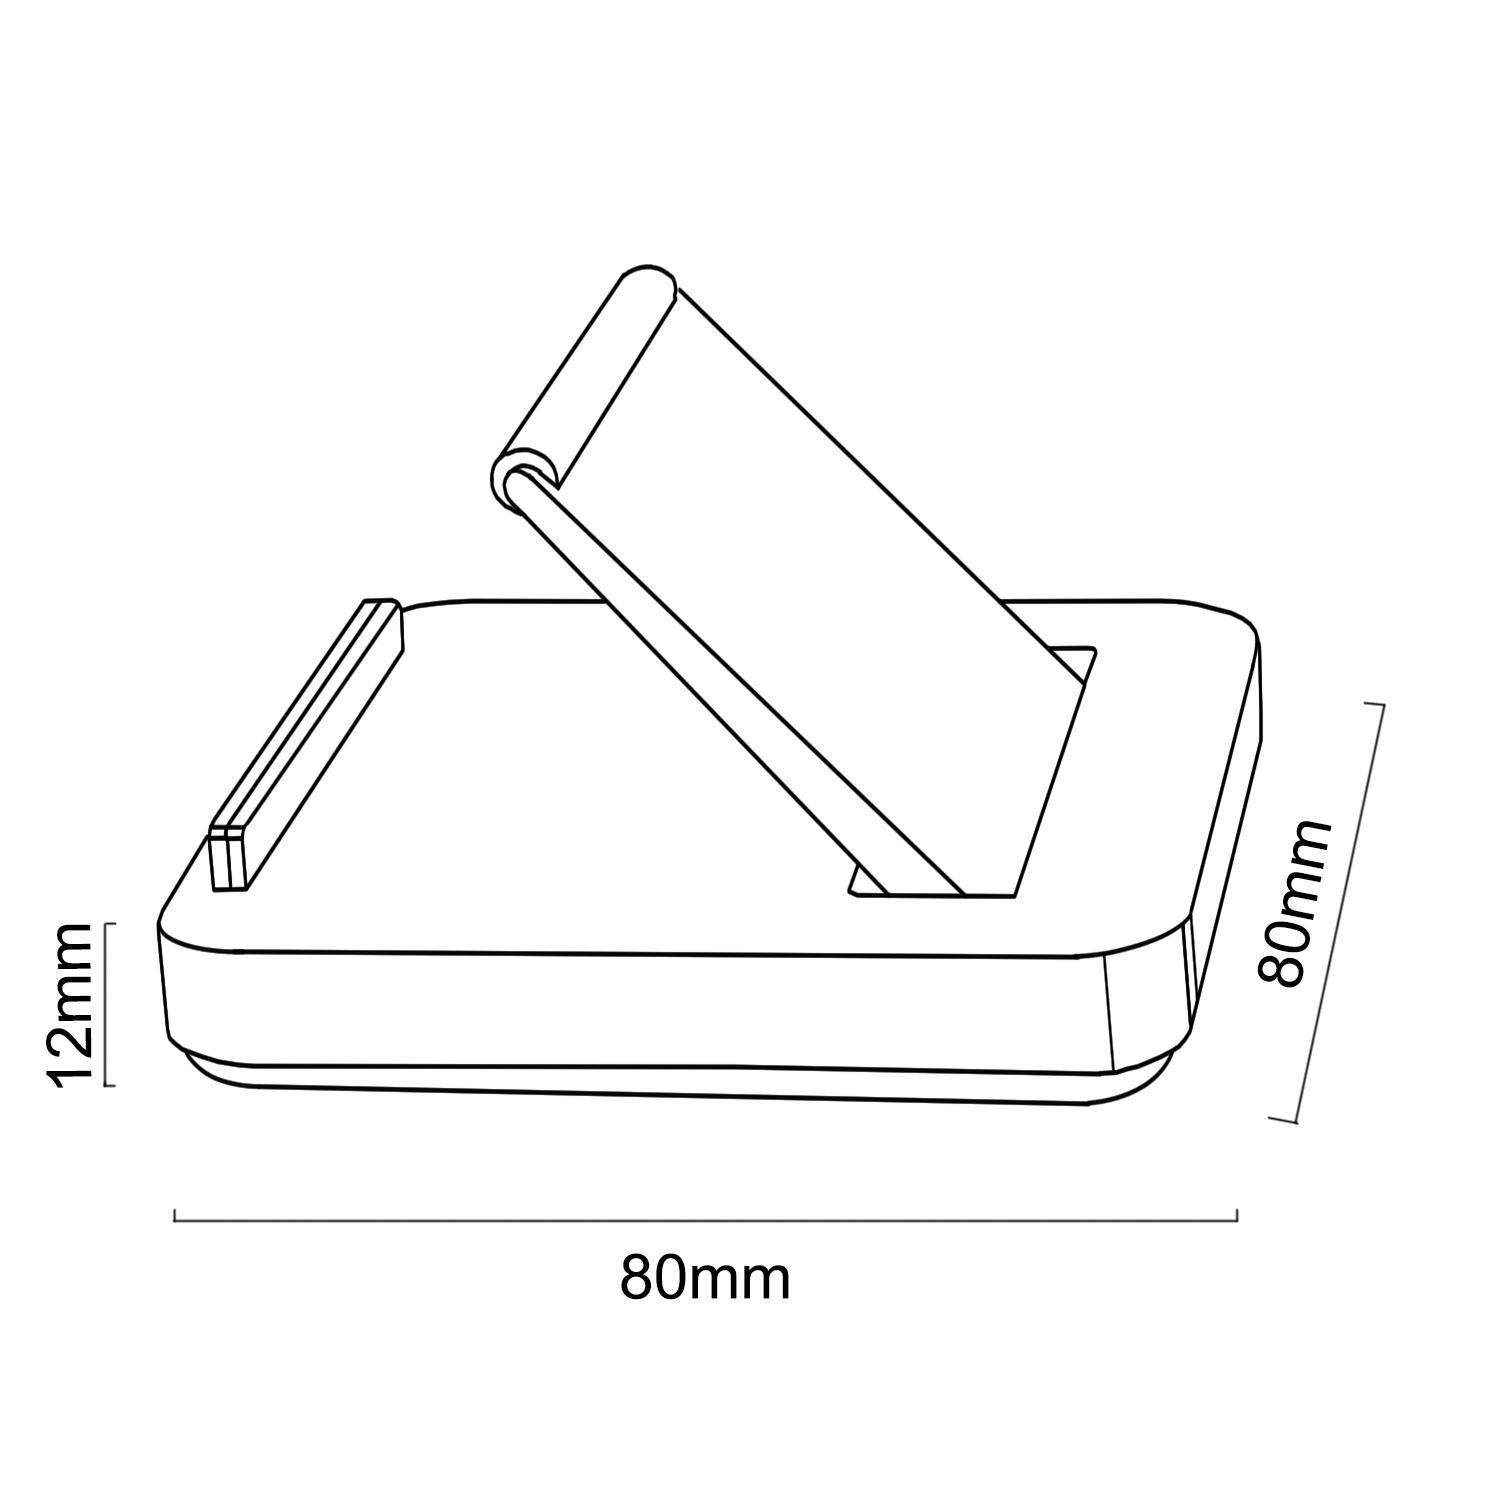 Podstavec na tablet mobilní telefon čtečku knih - Fiber Mounts MC745